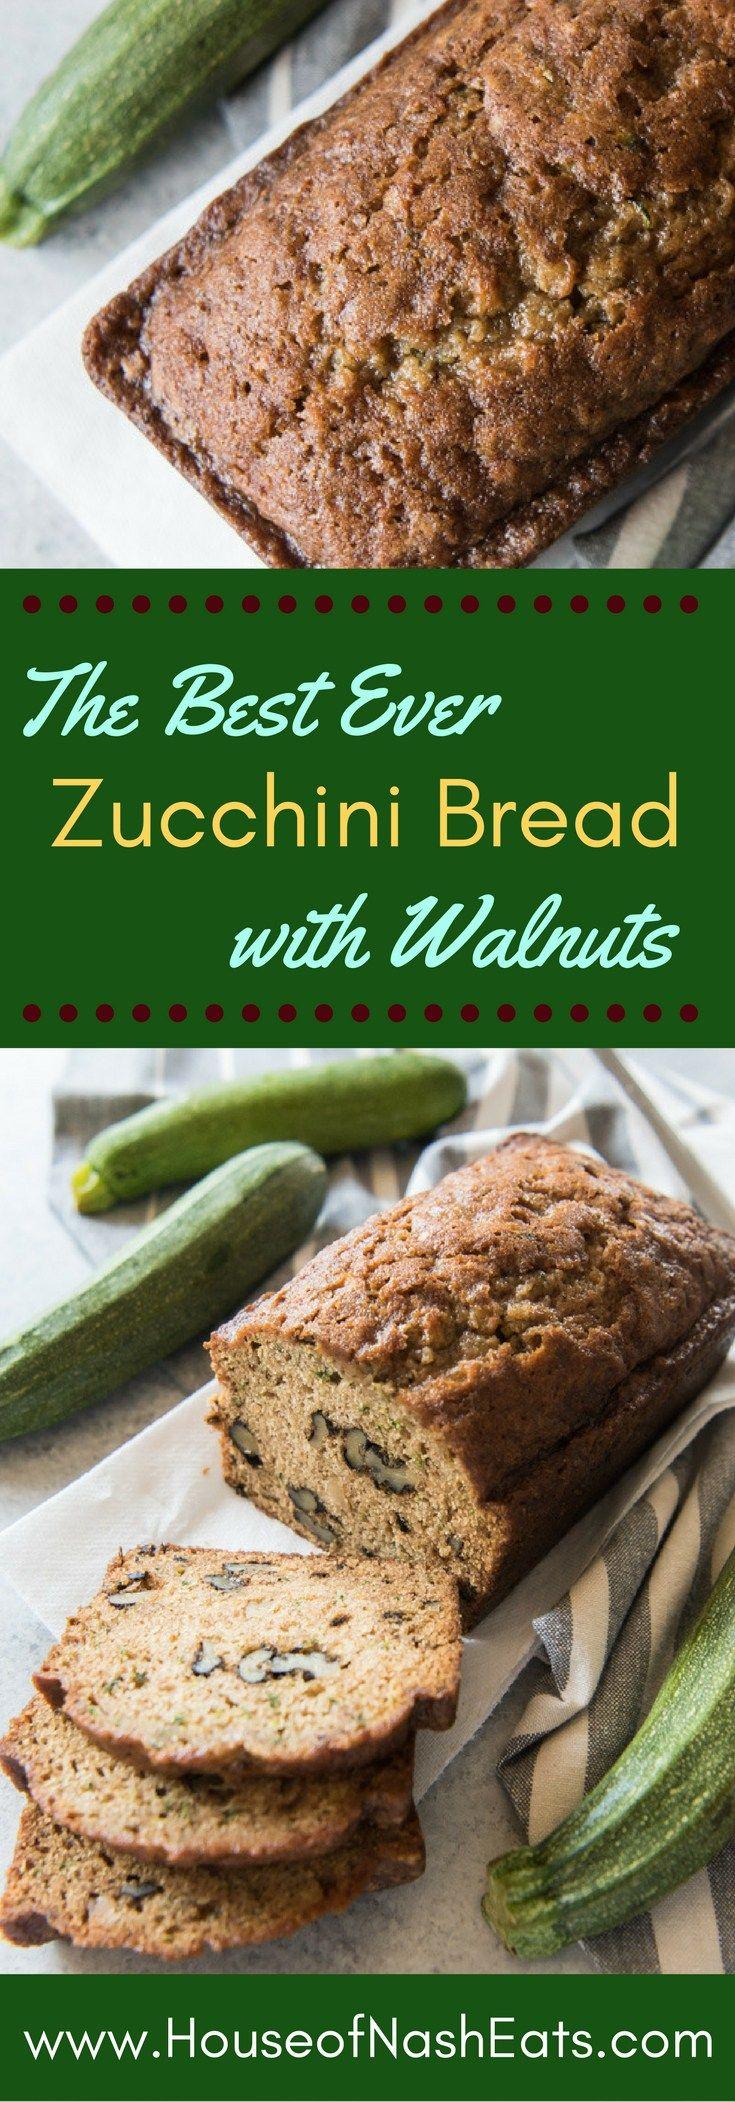 The Best Zucchini Bread Ever Recipe Gardens The O 400 x 300